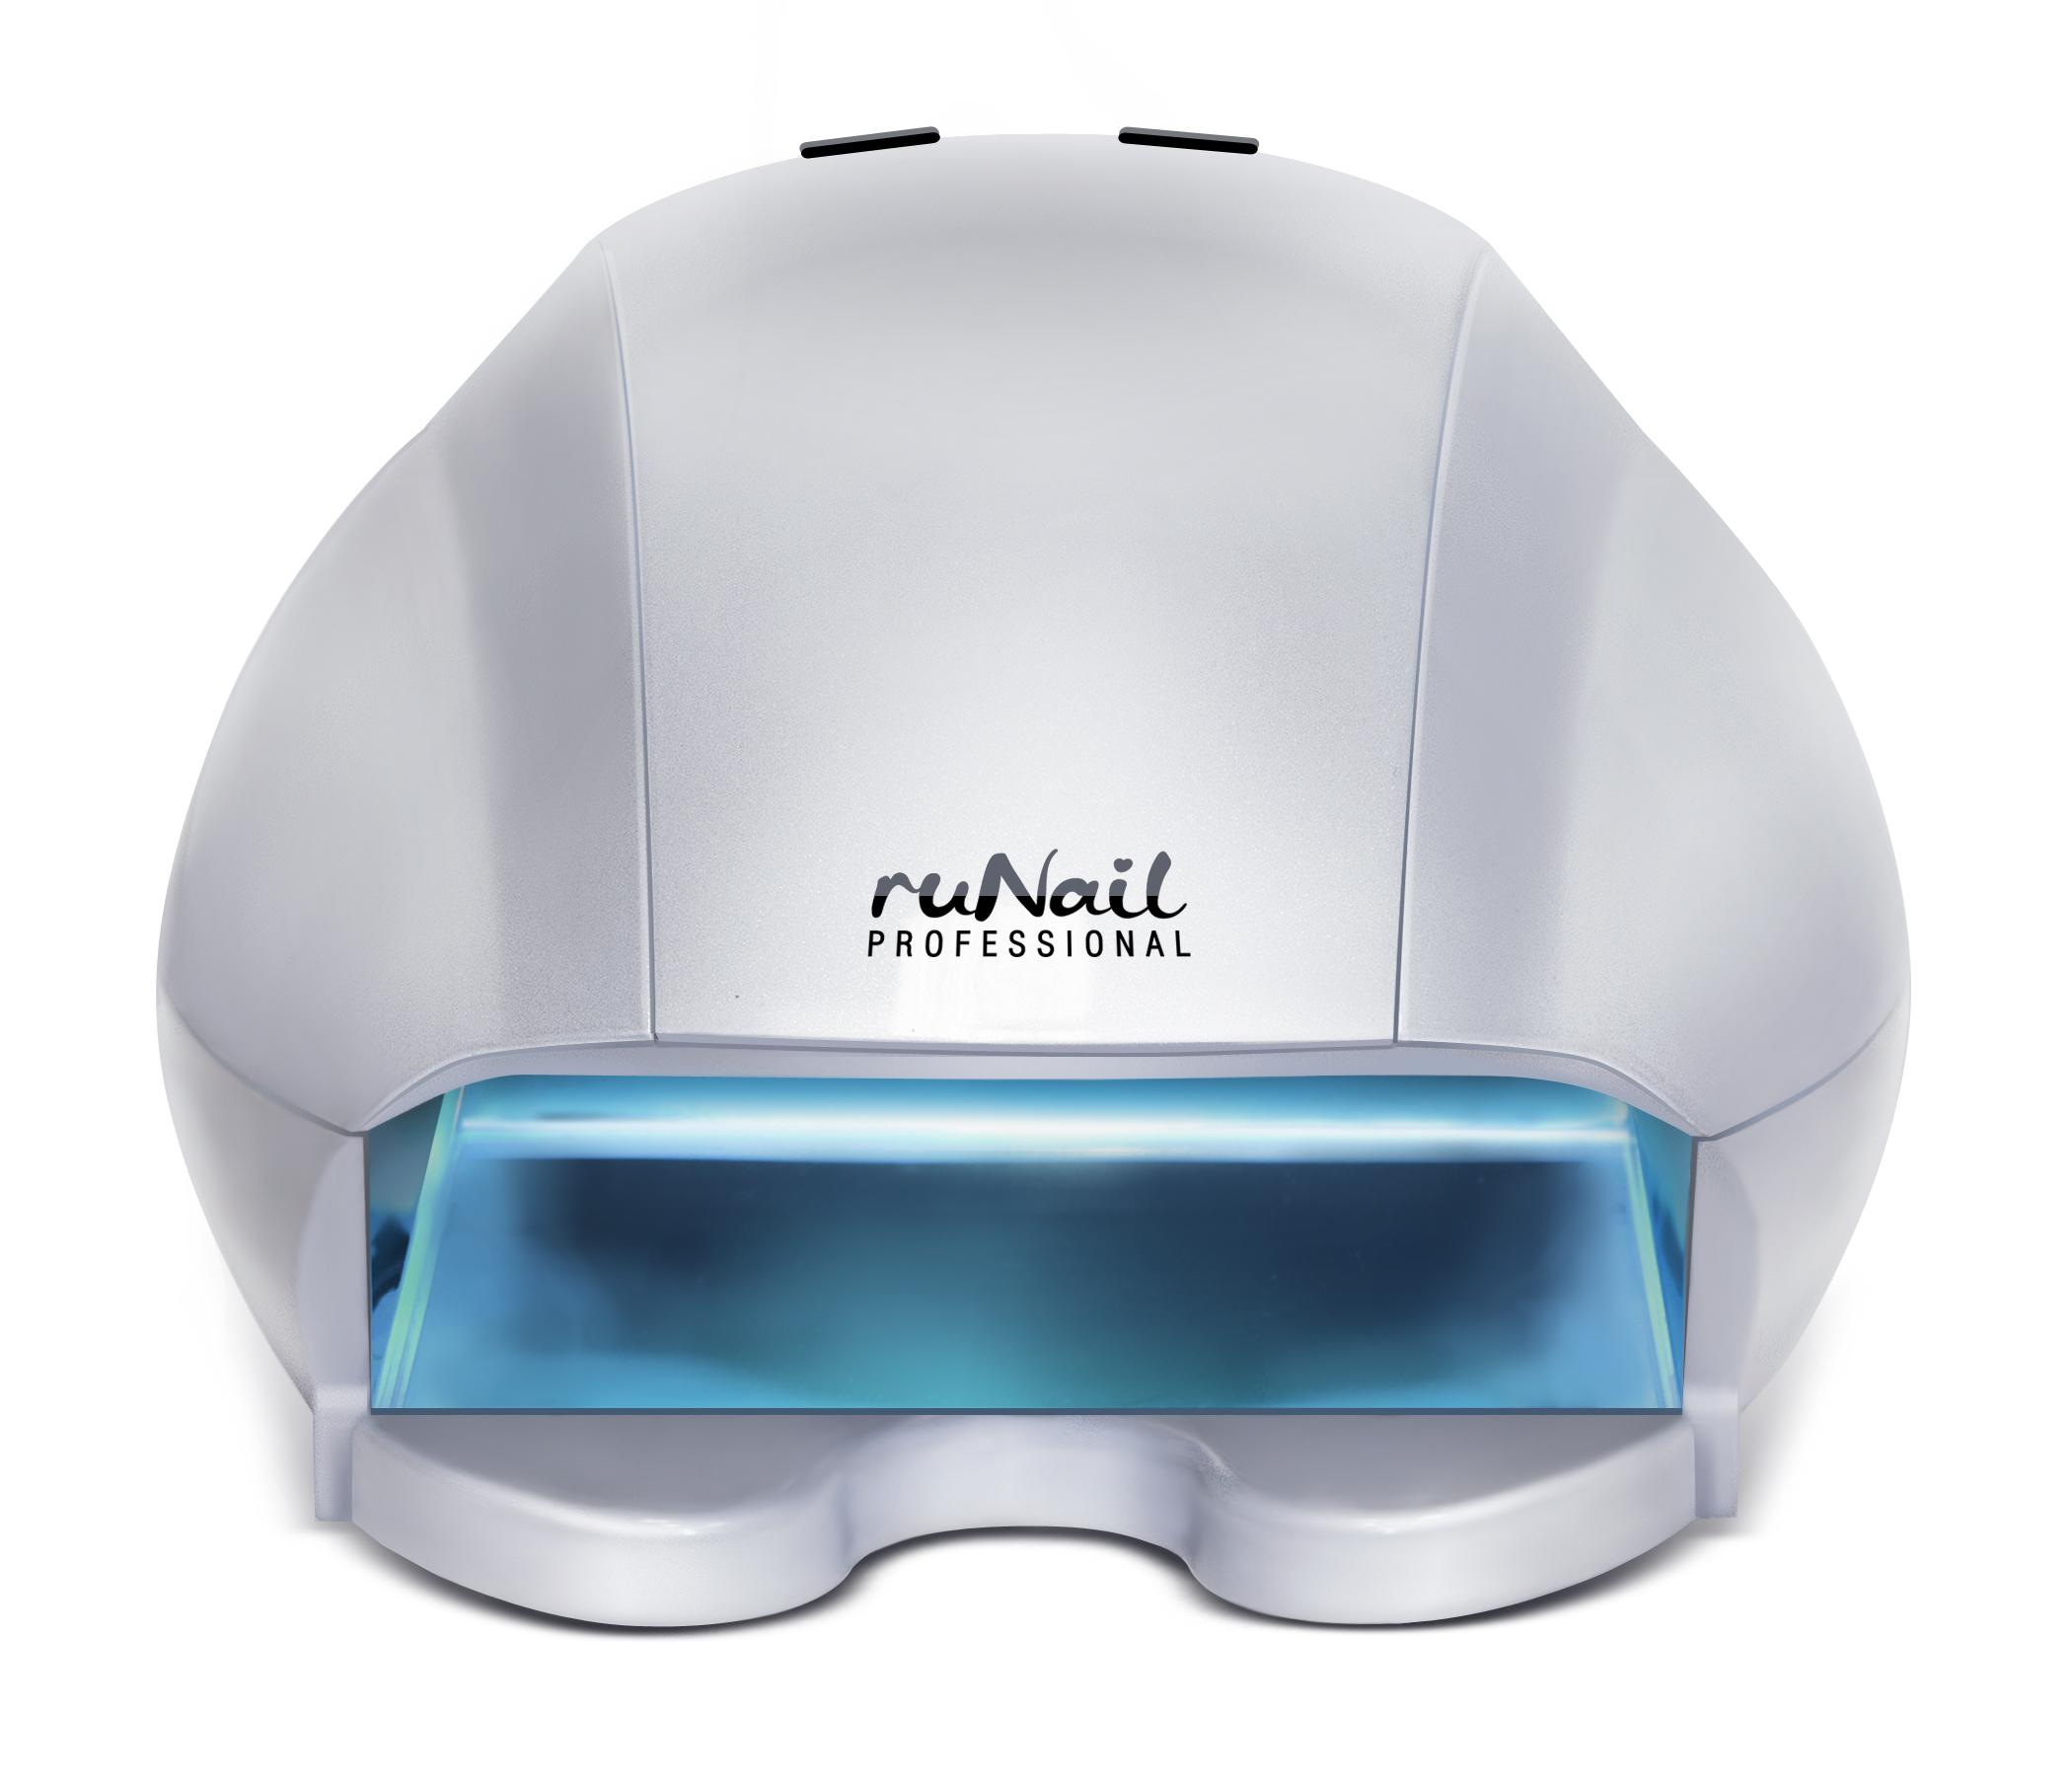 RuNail Лампа UV-LED 12 Вт. (серебряная)Косметологическое оборудование<br>Универсальная UV-LED Лампа   это прибор со совмещенной технологией ультрафиолетового и светодиодного излучения. Лампа предназначена для полимеризации гелей, гель-лаков, перманентных лаков, биогелей, уф-сушек, уф-акрилов и других материалов. Основное отличие UV-LED лампы от обычной LED лампы заключается в том, что в ней могут полимеризоваться не только гель-лаки и биогели, но и обычные однофазные и трехфазные уф-гели, а также другие уф-материалы. Излучение лампы не оказывает вредного воздействия на кожу рук и глаза. При полимеризации геля у клиенток нет ощущения жжения. Технические характеристики: мощность   12 Вт; номинальное напряжение   220В; частота   50-60 ГЦ; таймер   30, 60, 120 сек.; кол-во светодиодов: 102 шт.; кол-во уф-ламп: 2 шт.<br>